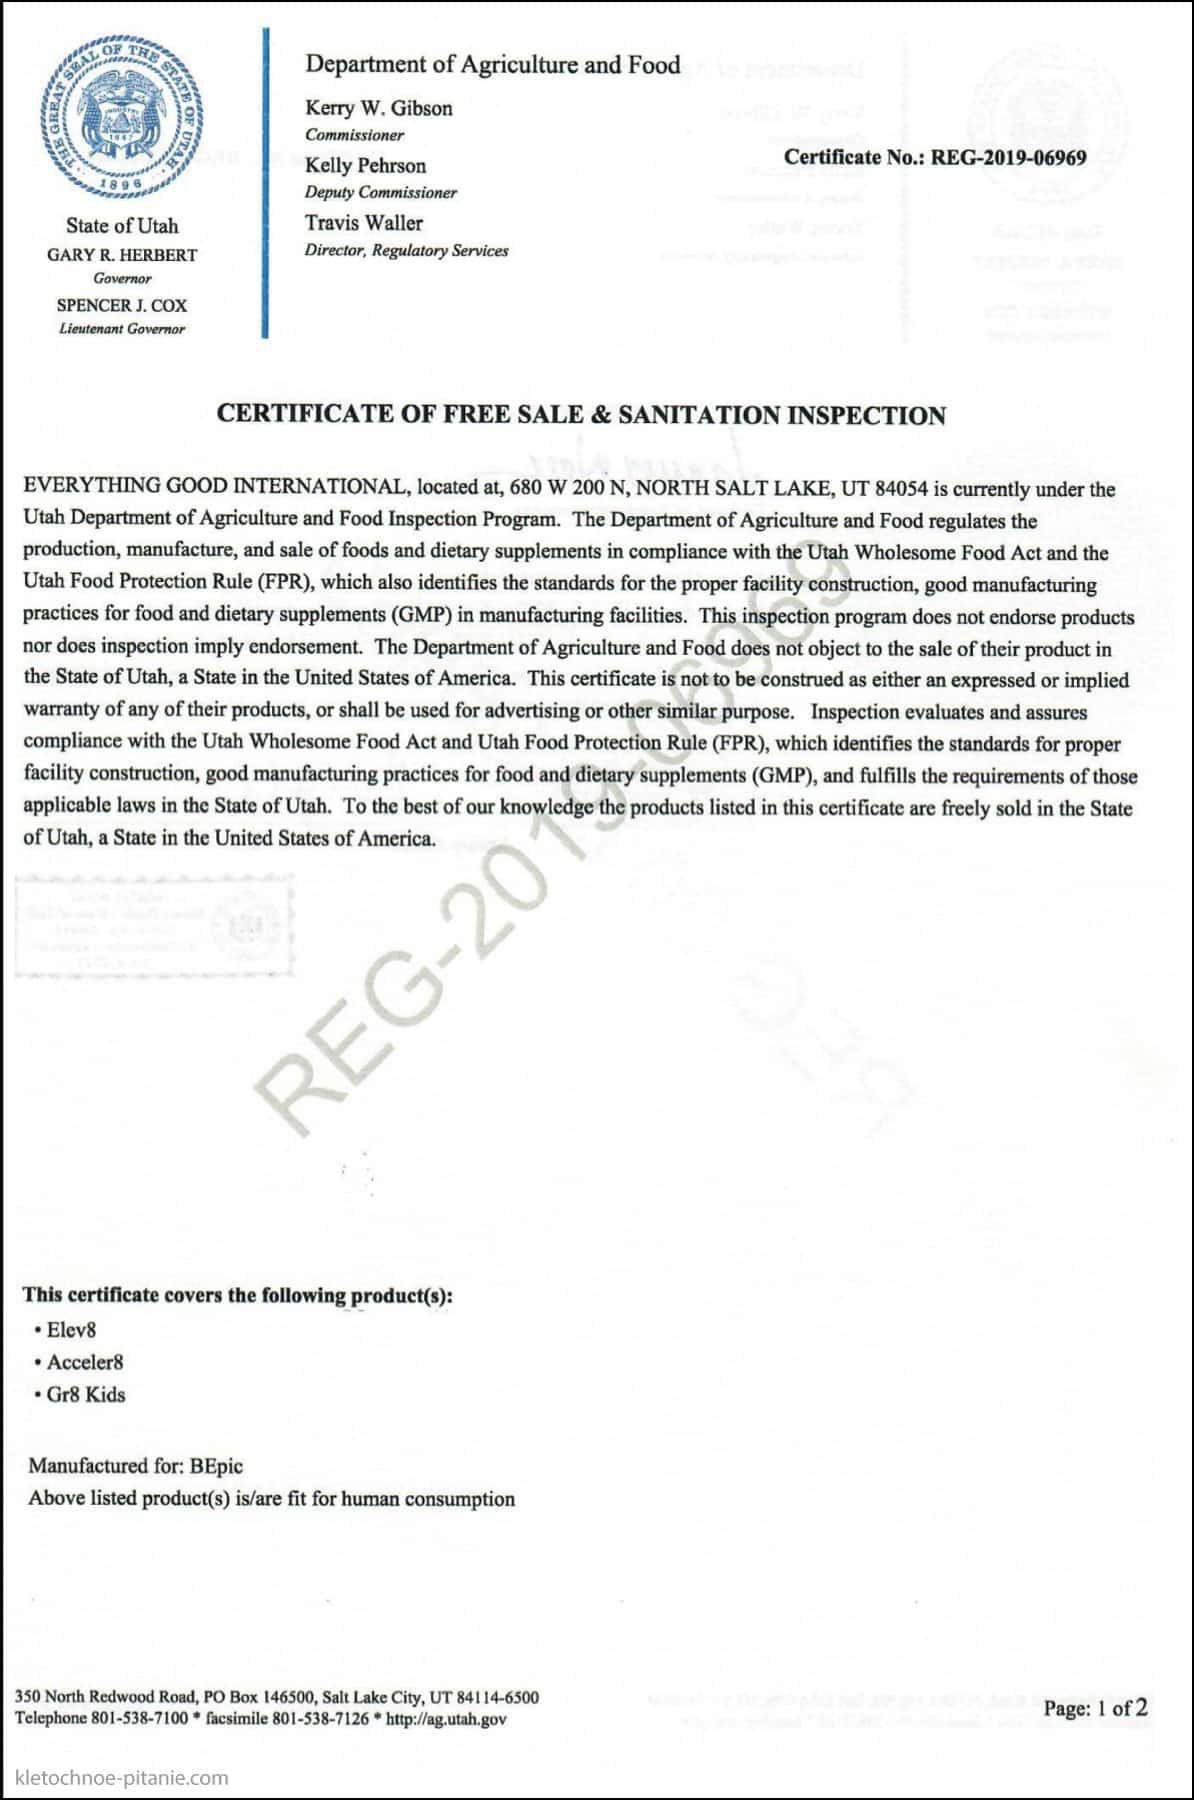 сертификат Elev8